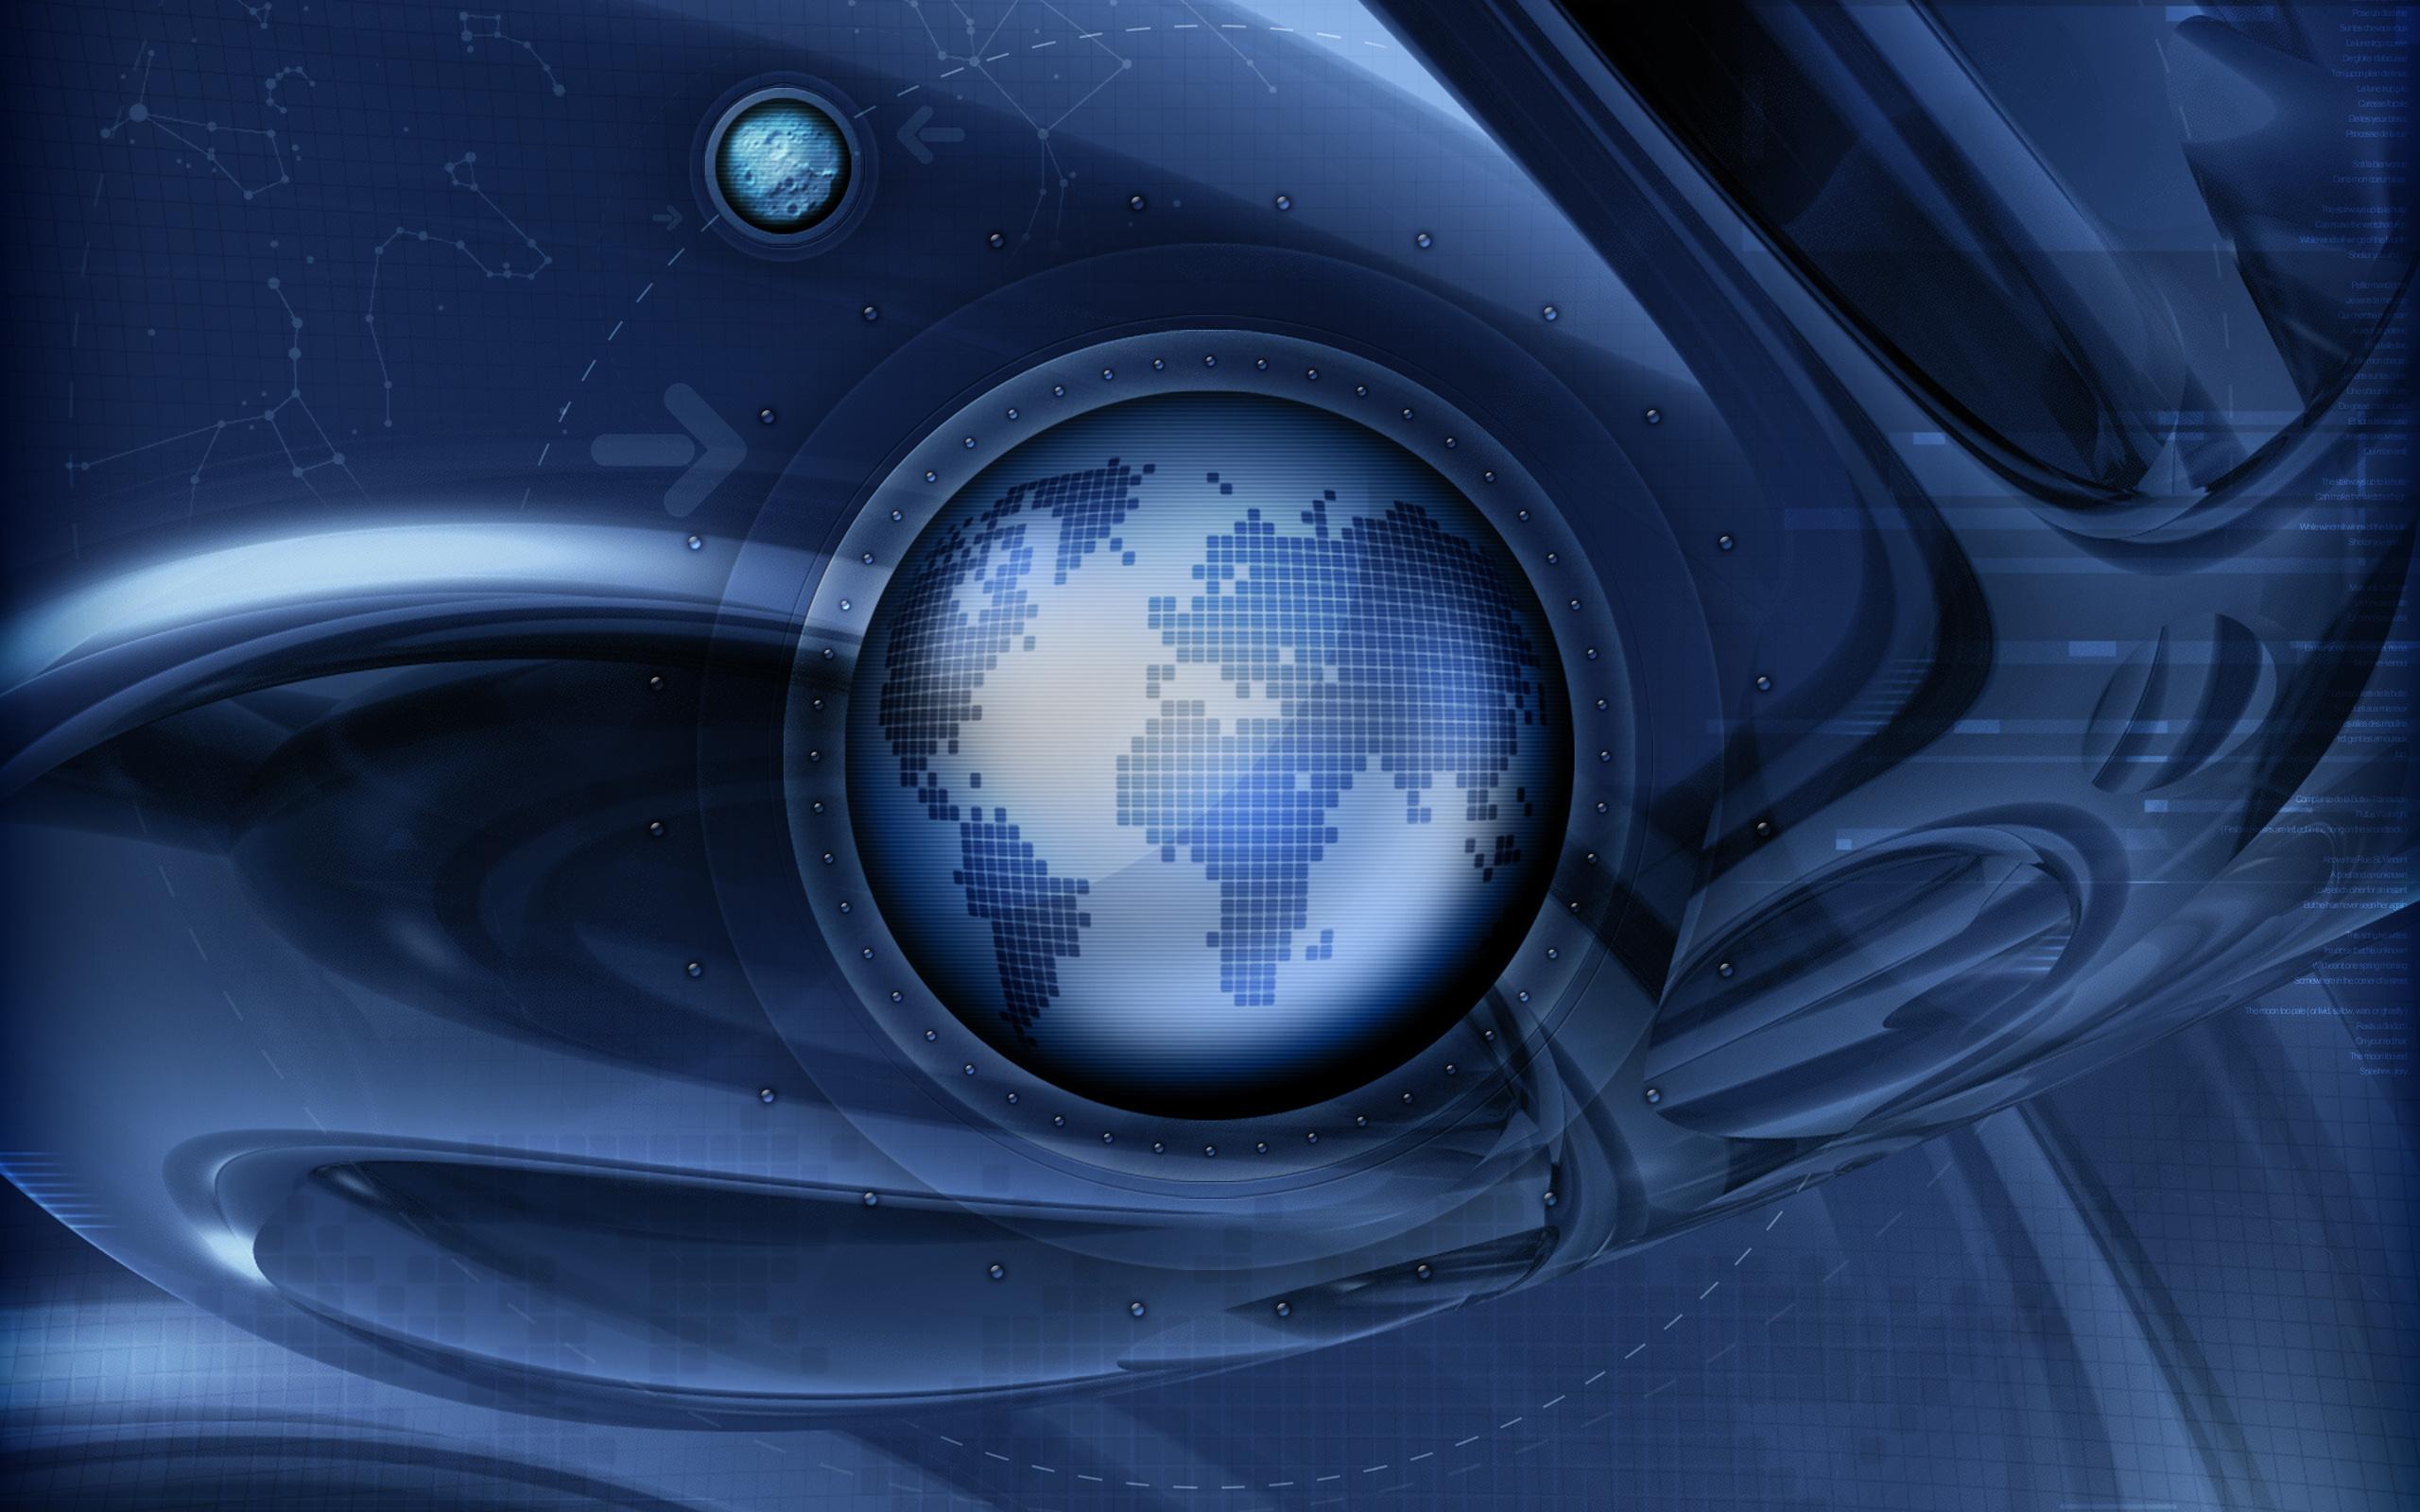 blue hd Best Digital Wallpaper